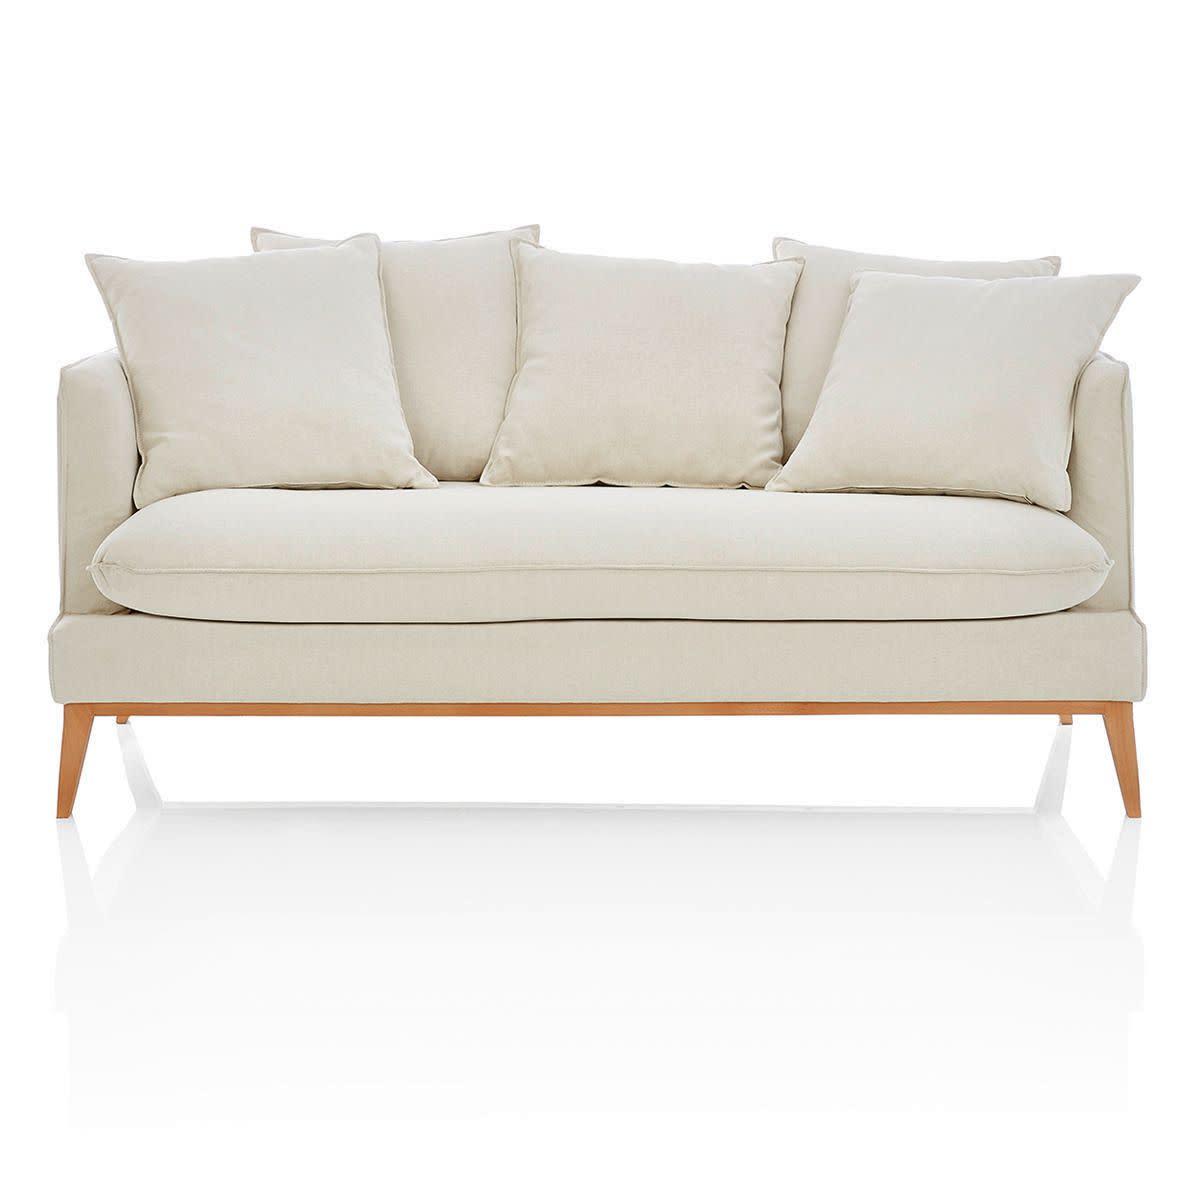 Produkte aus sofas impressionen meine wunschliste for Ohrensessel 1 5 sitzer bezug baumwollmischgewebe